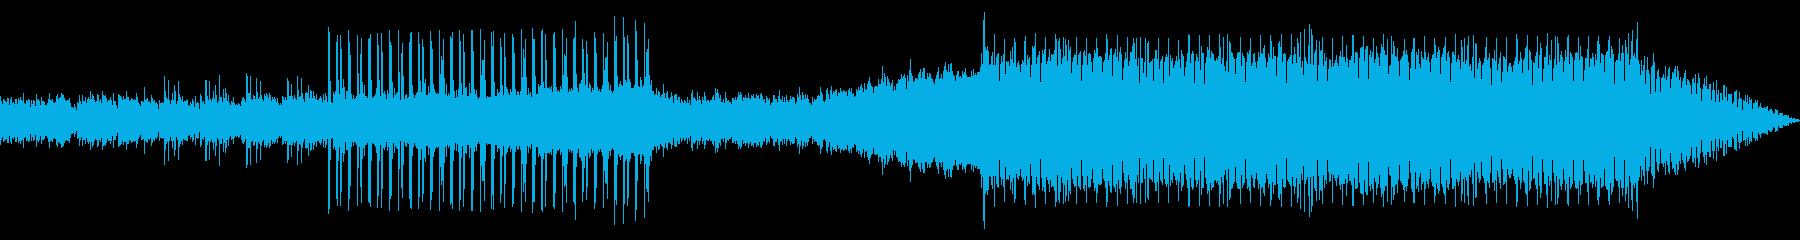 夜空をイメージしたエレクトロミュージックの再生済みの波形